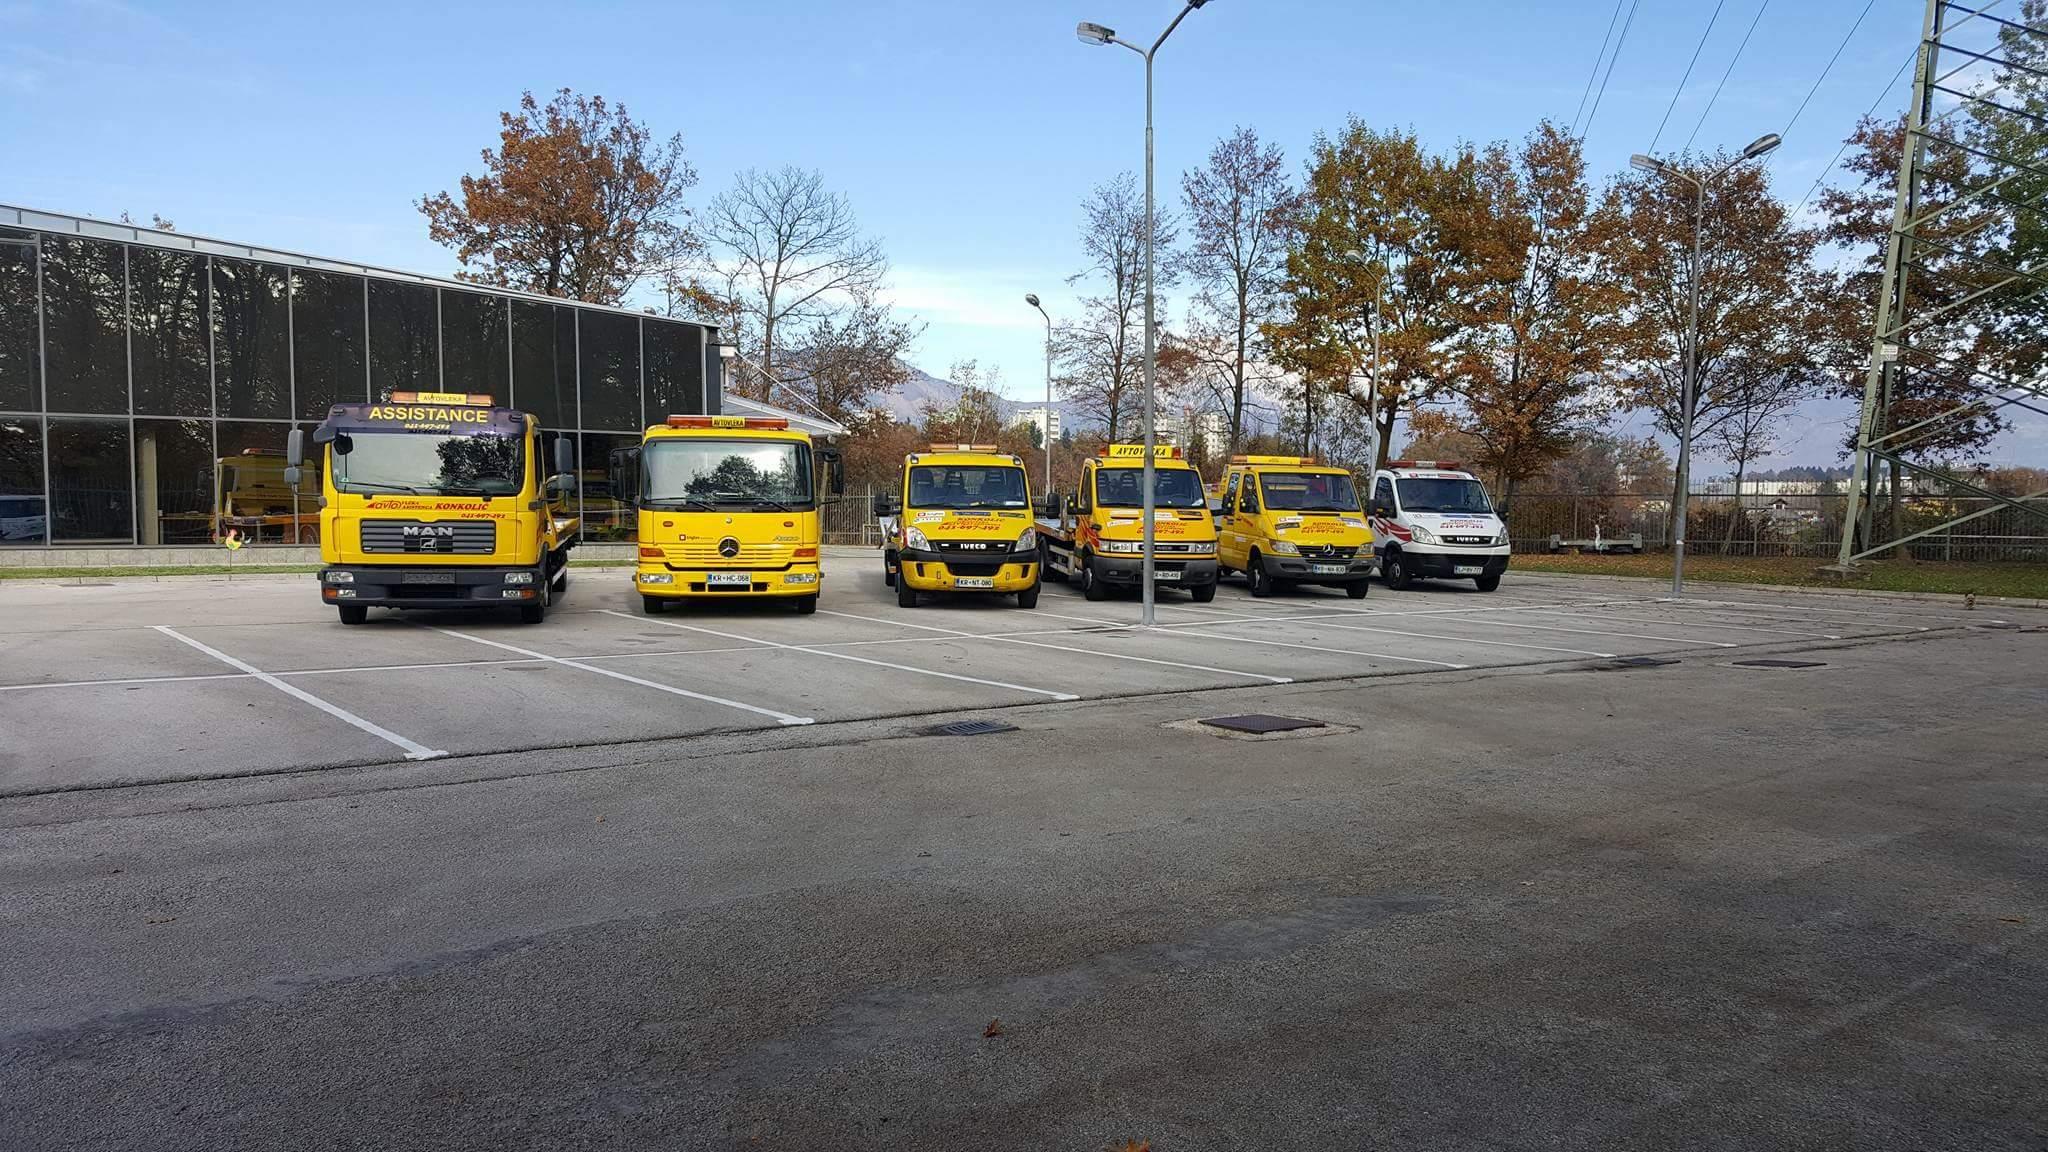 Avtovleka Kranj - Avtoasistenca Konkolič Kranj, Towing Service Kranj, Abschleppdienst Kranj received_10206014331712490